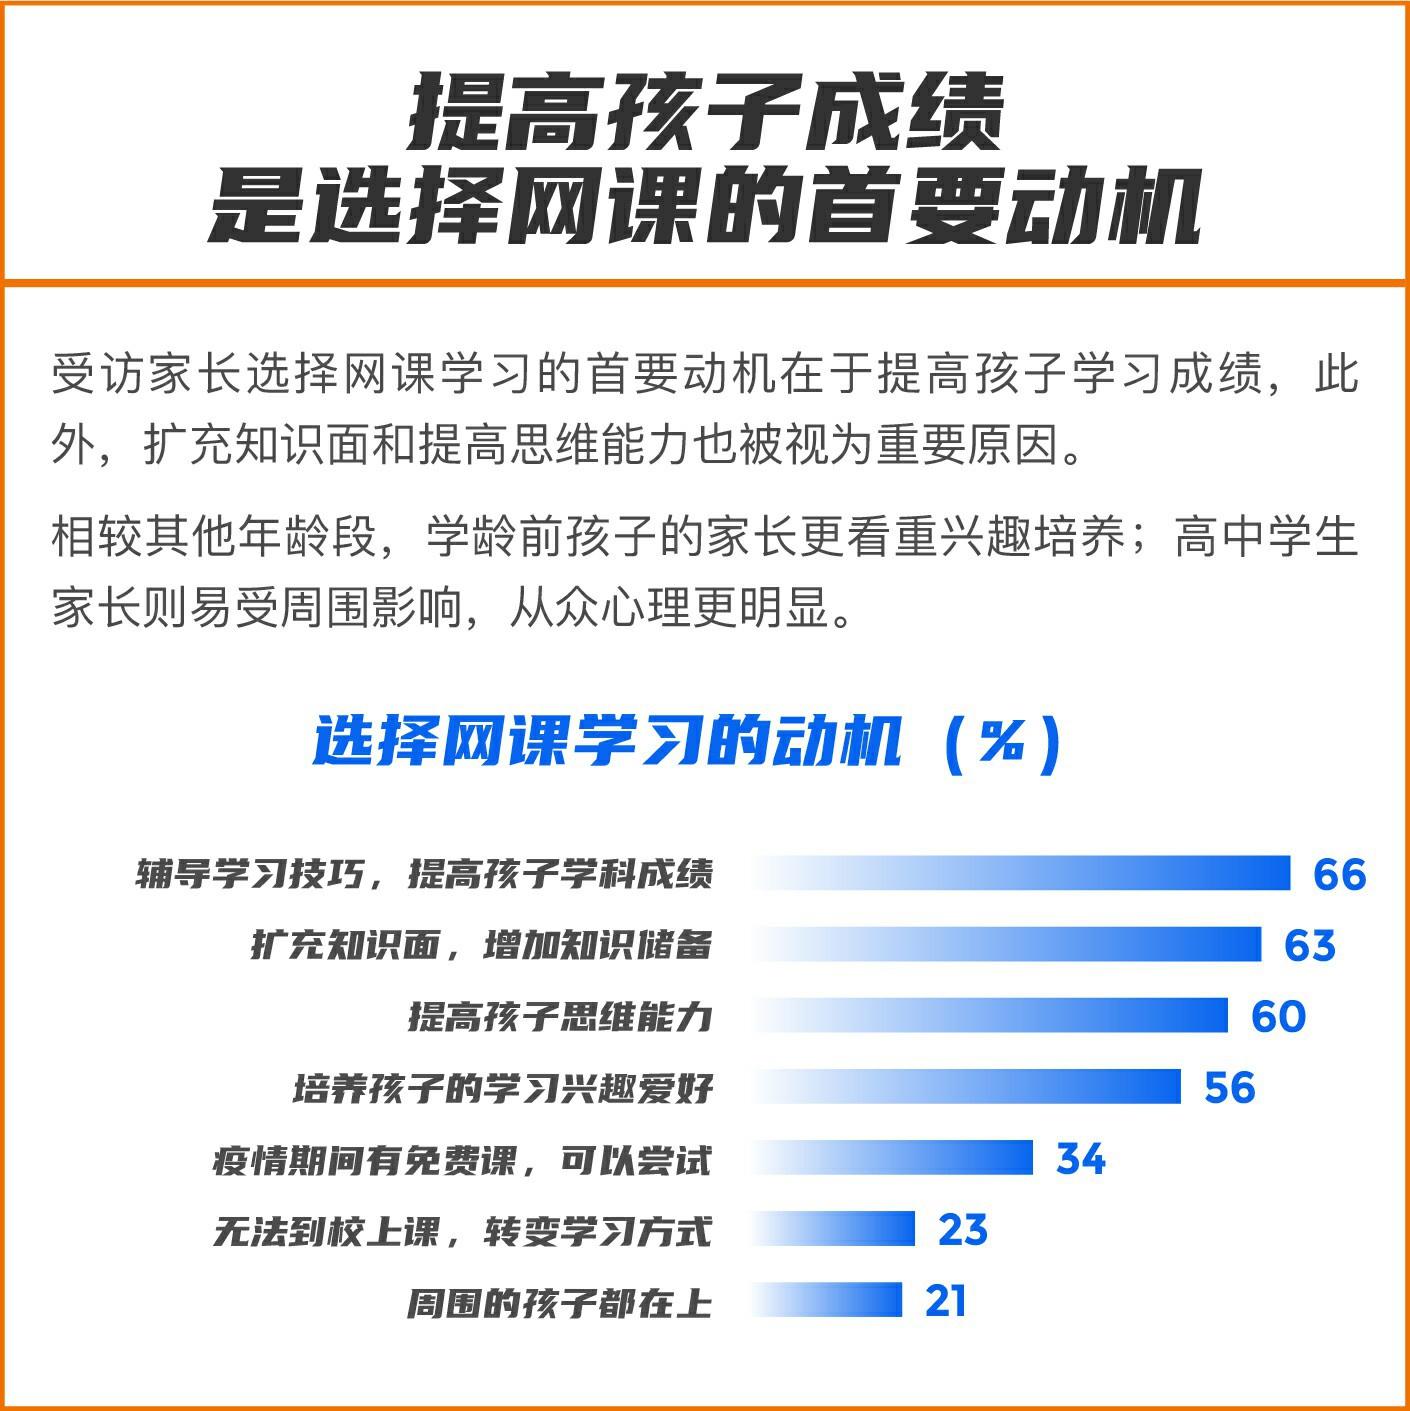 《2020年中国K12网课发展洞察报告》发布:提高学习效率是00后上网课的核心需求图1